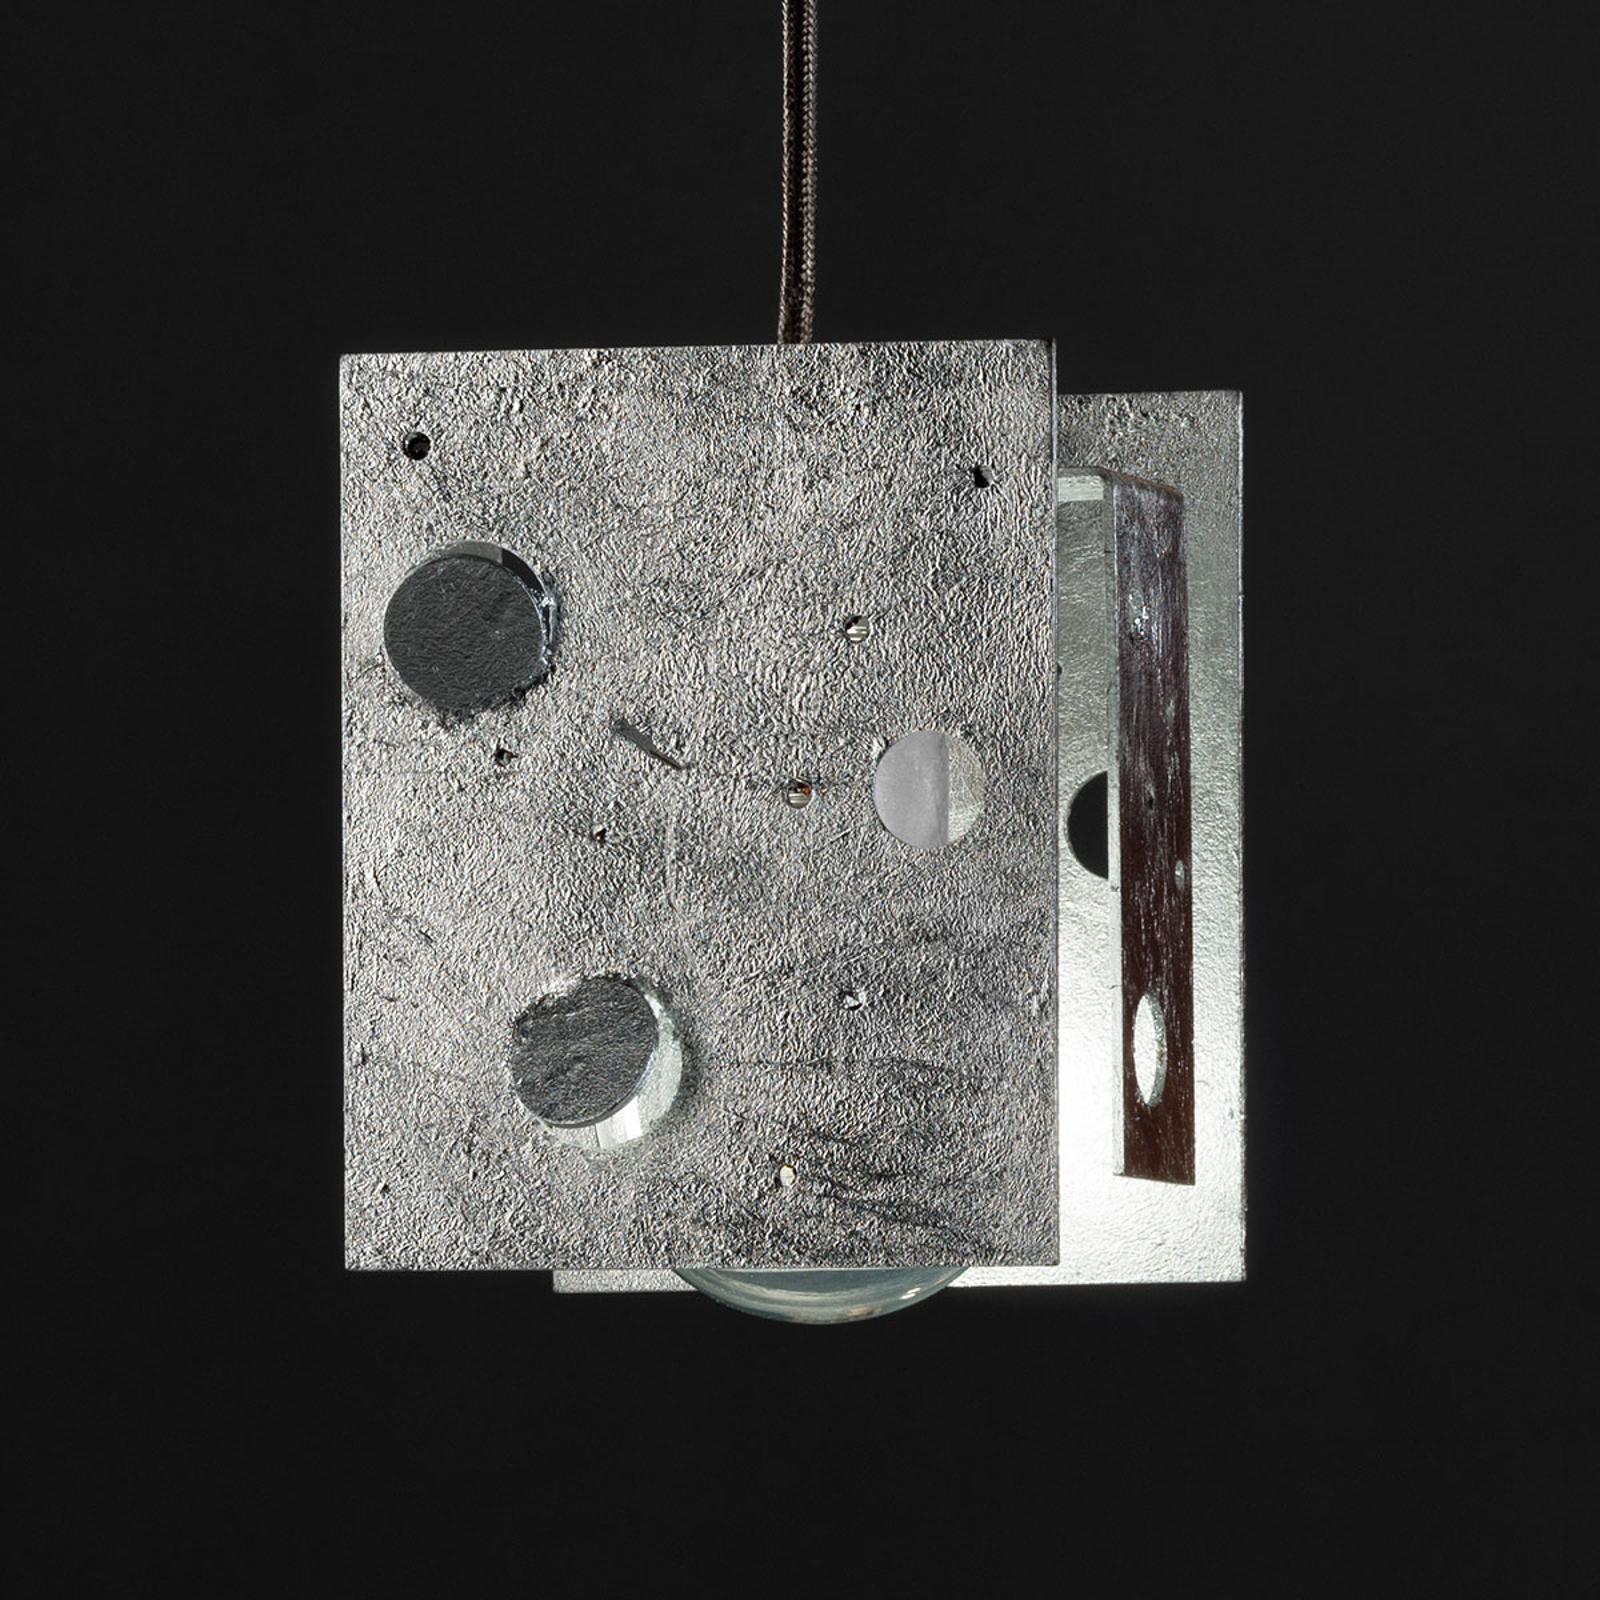 Knikerboker Buchi Hängelampe 13x11x16,5 silber